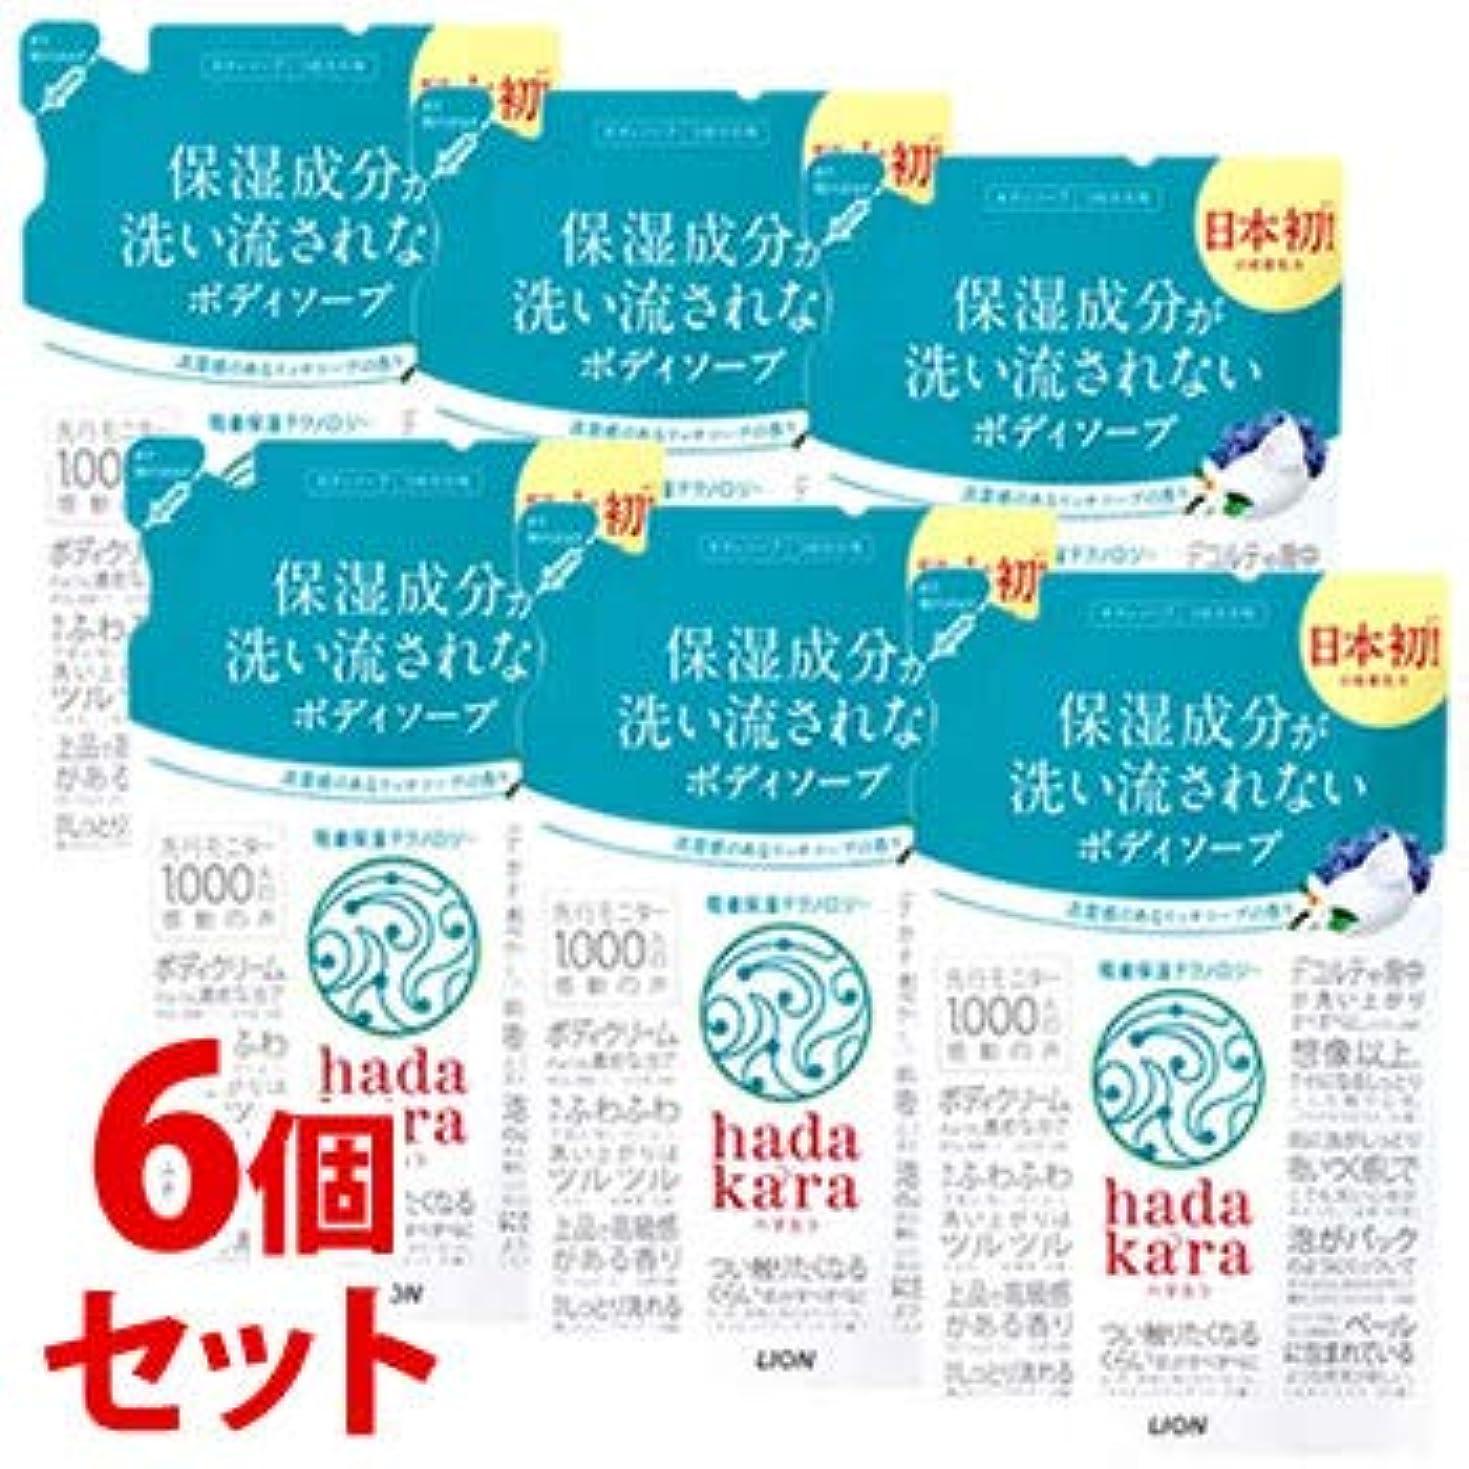 キネマティクスカッターパステル《セット販売》 ライオン ハダカラ hadakara ボディソープ リッチソープの香り つめかえ用 (360mL)×6個セット 詰め替え用